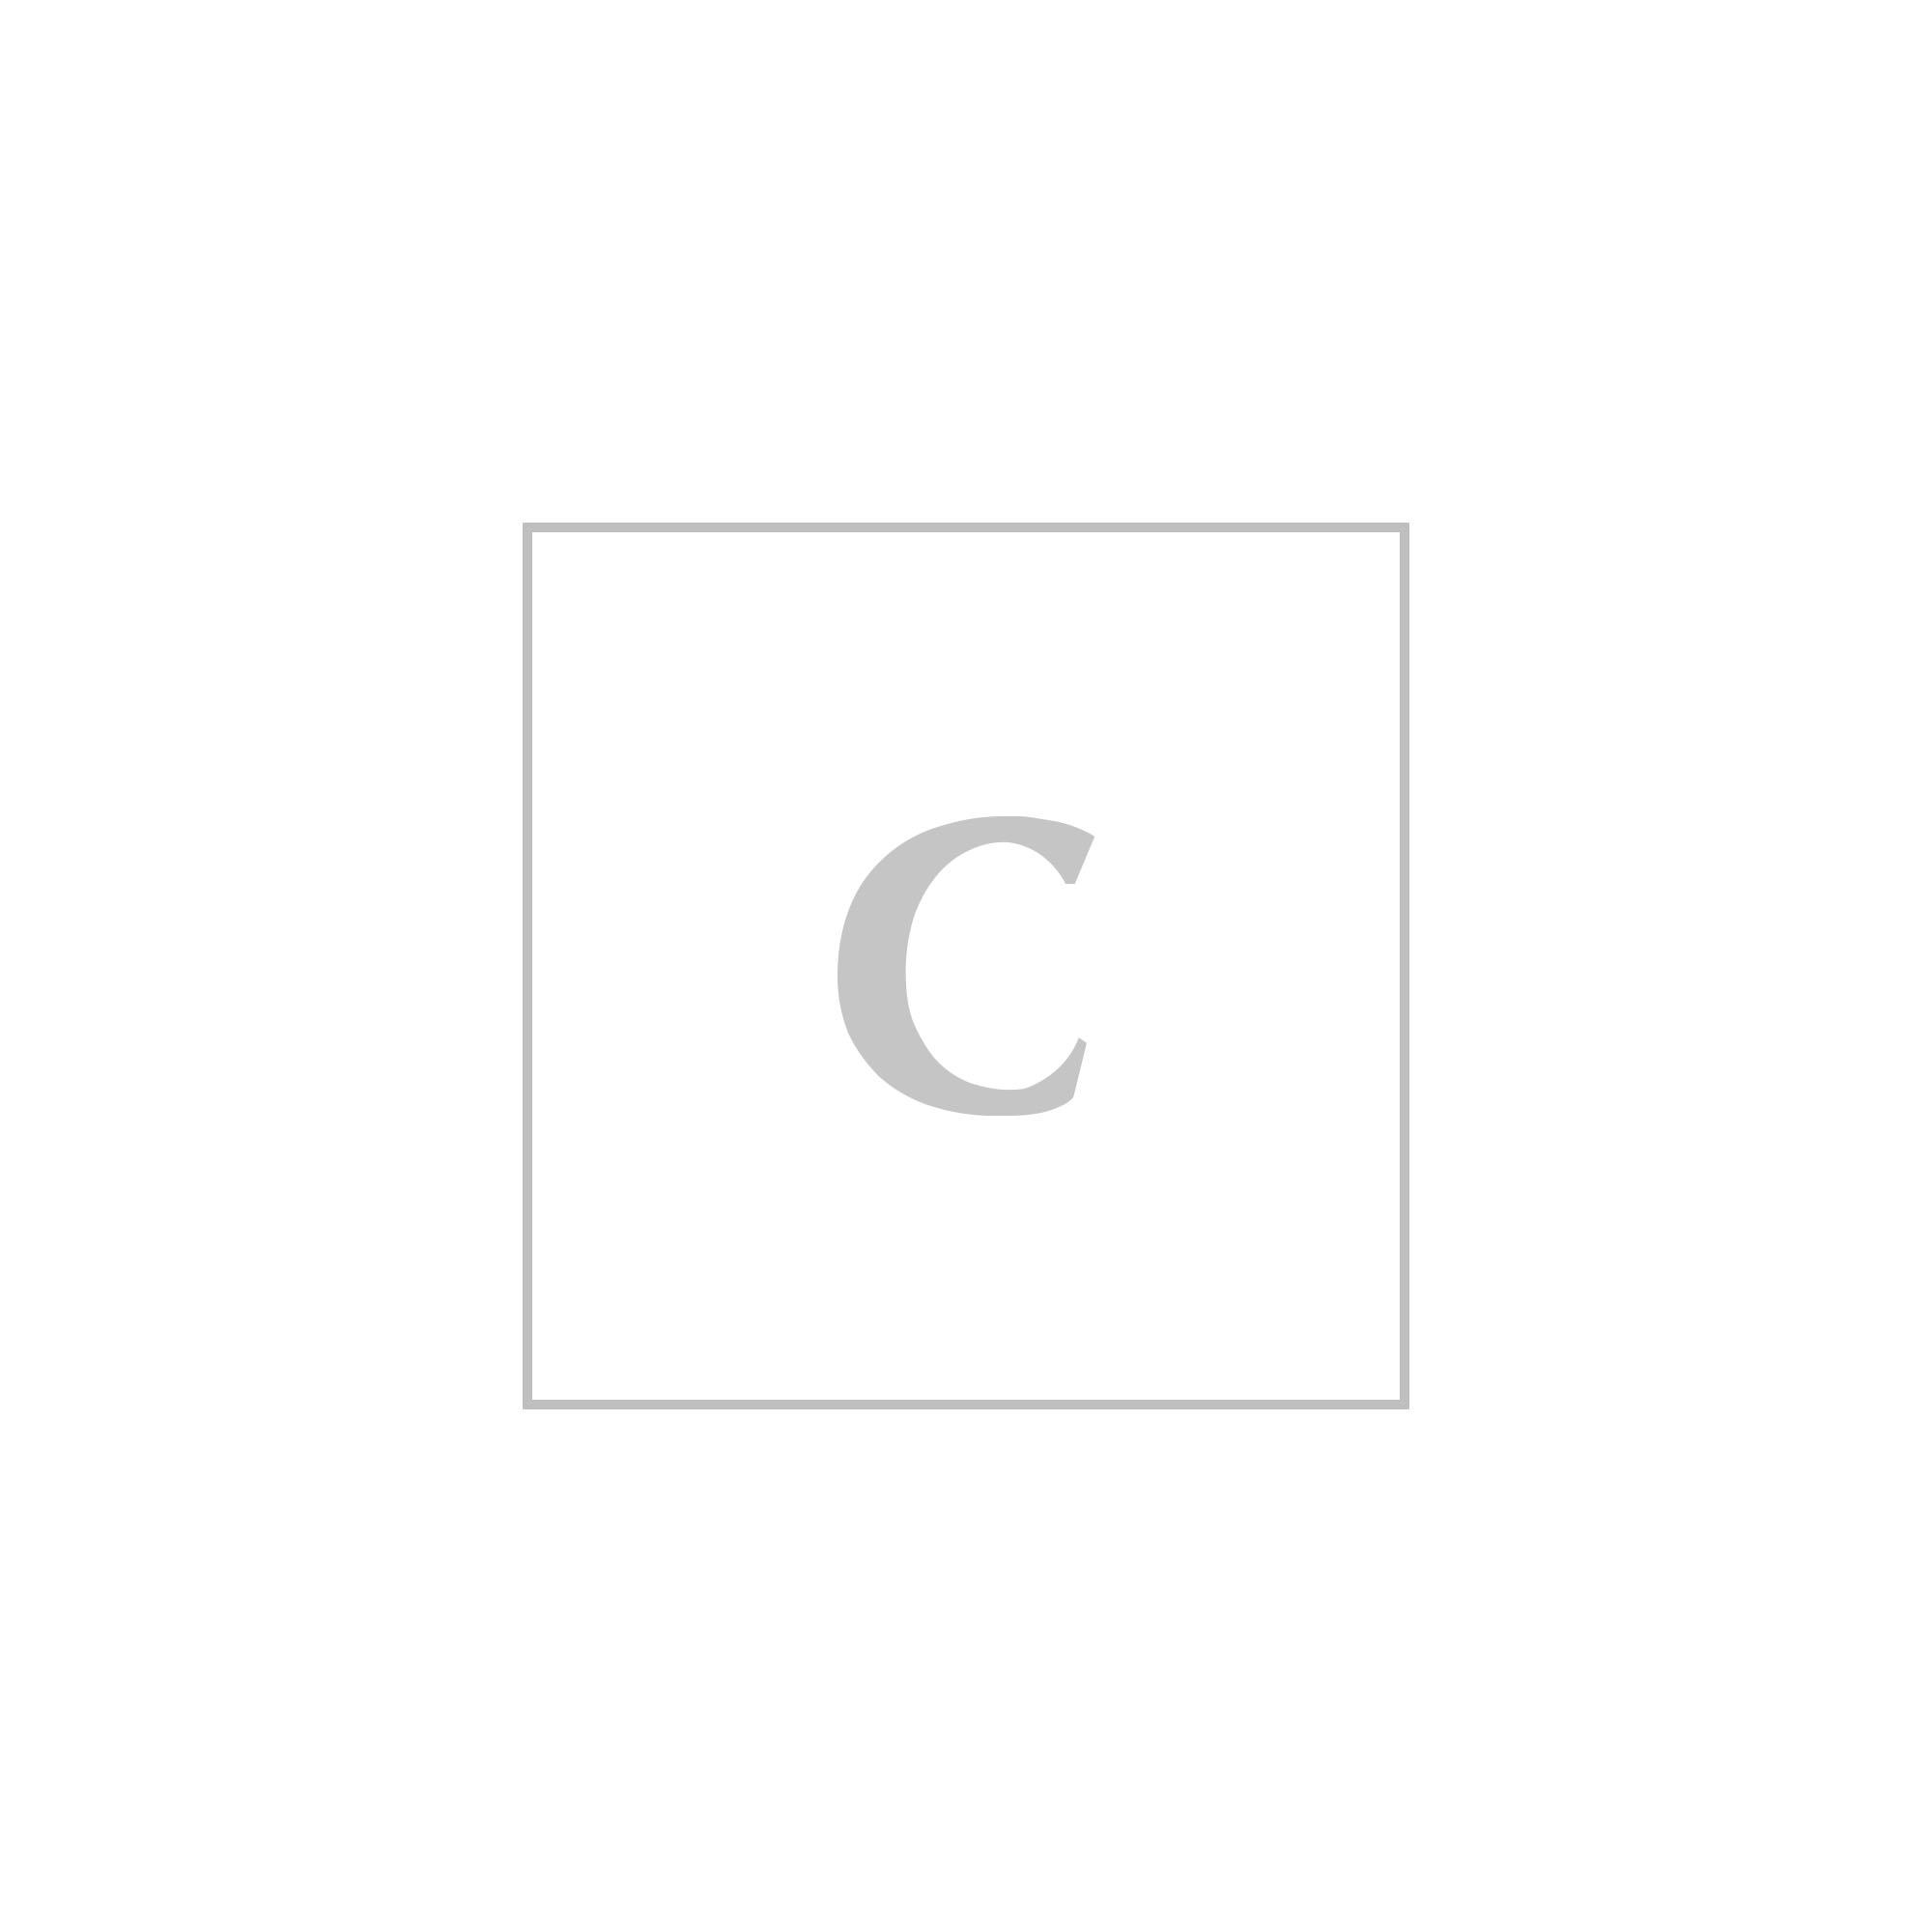 Moncler Outerwear Lans Down Jacket 0371a